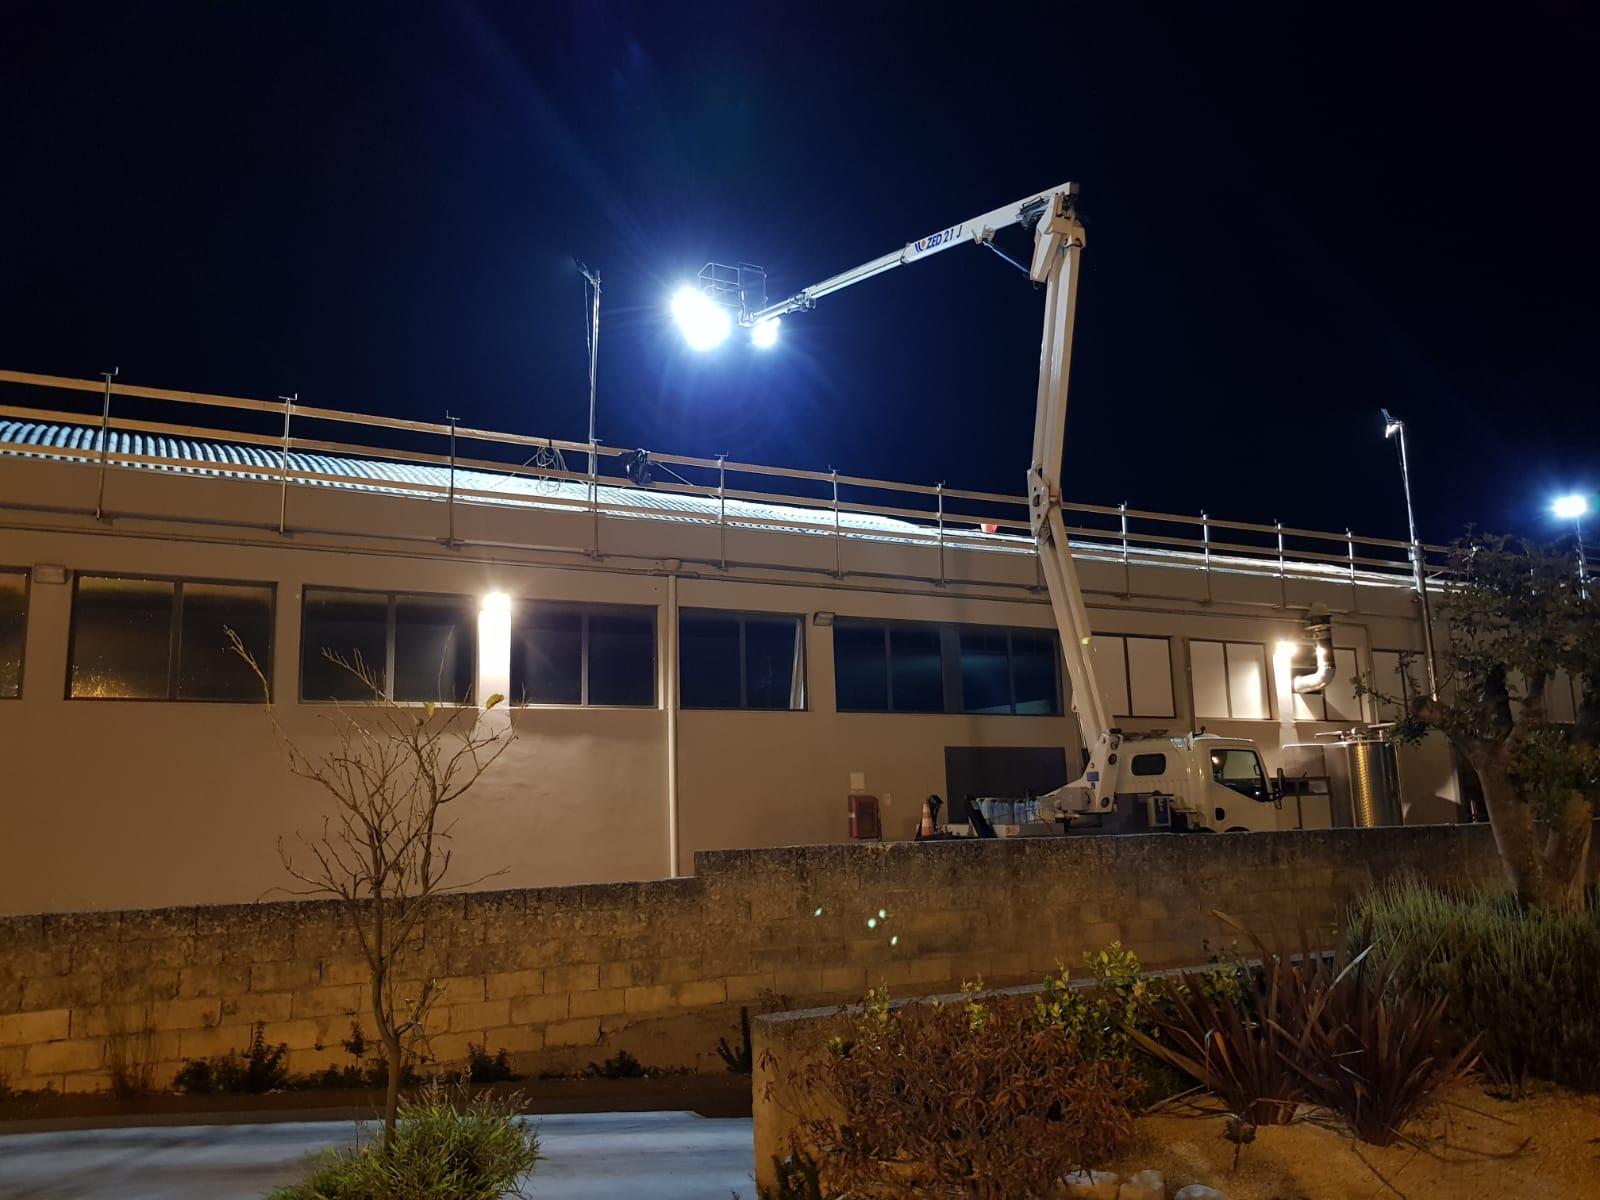 La IMP.EL. è specializzata nella rimozione amianto in sicurezza, in tutta la Sicilia. Il personale addetto effettua gli interventi conferiti con professionalità e puntualità, anche nelle ore notturne.